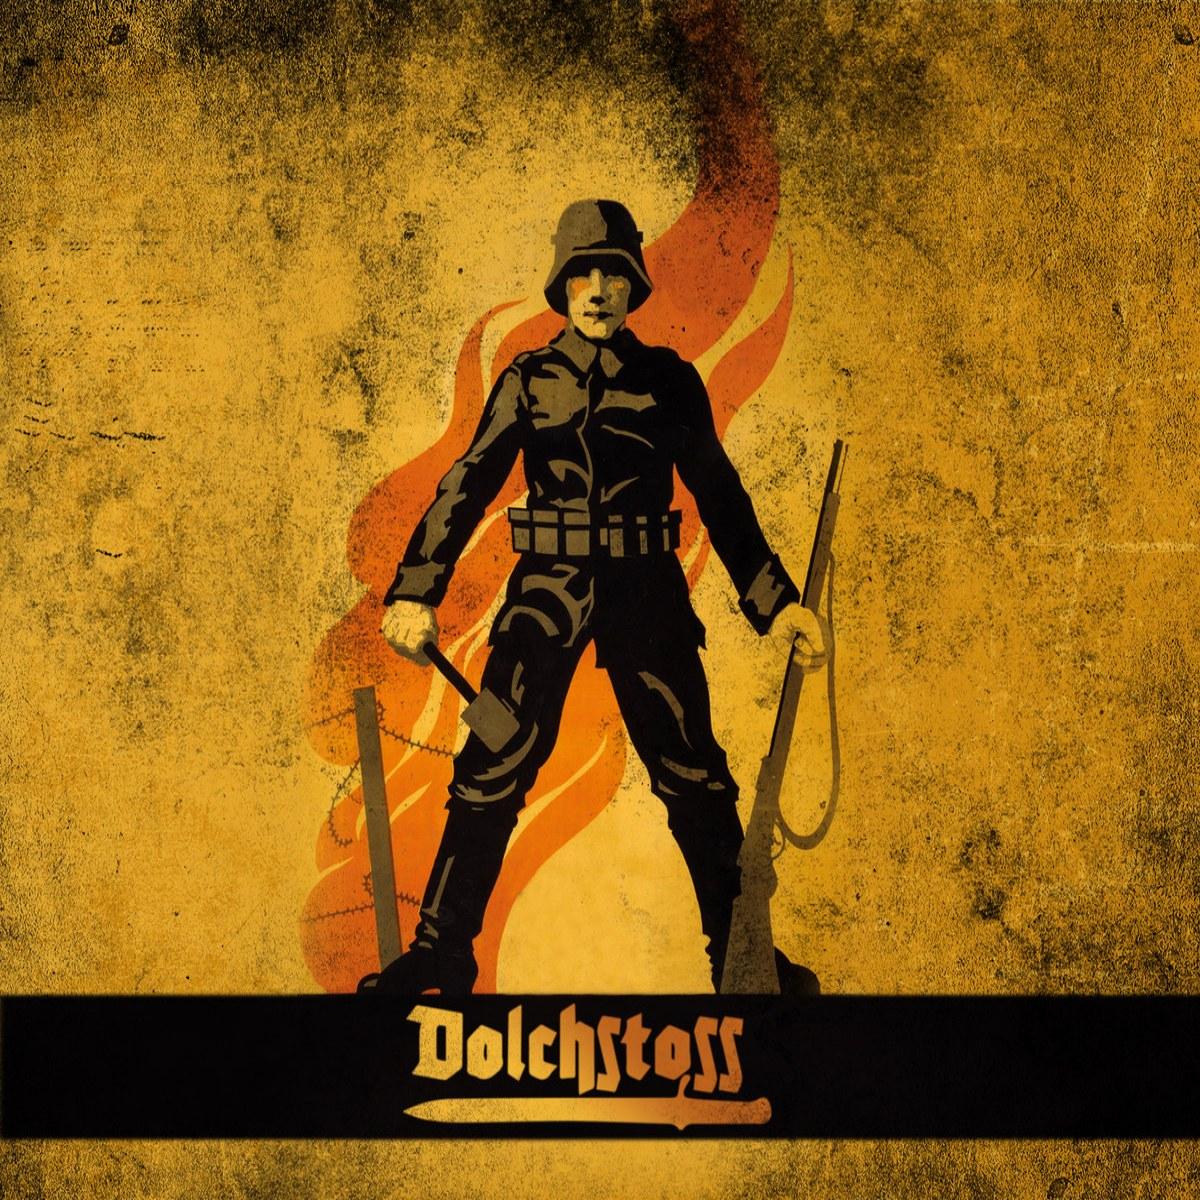 Reviews for Dolchstoss - Dolchstoss